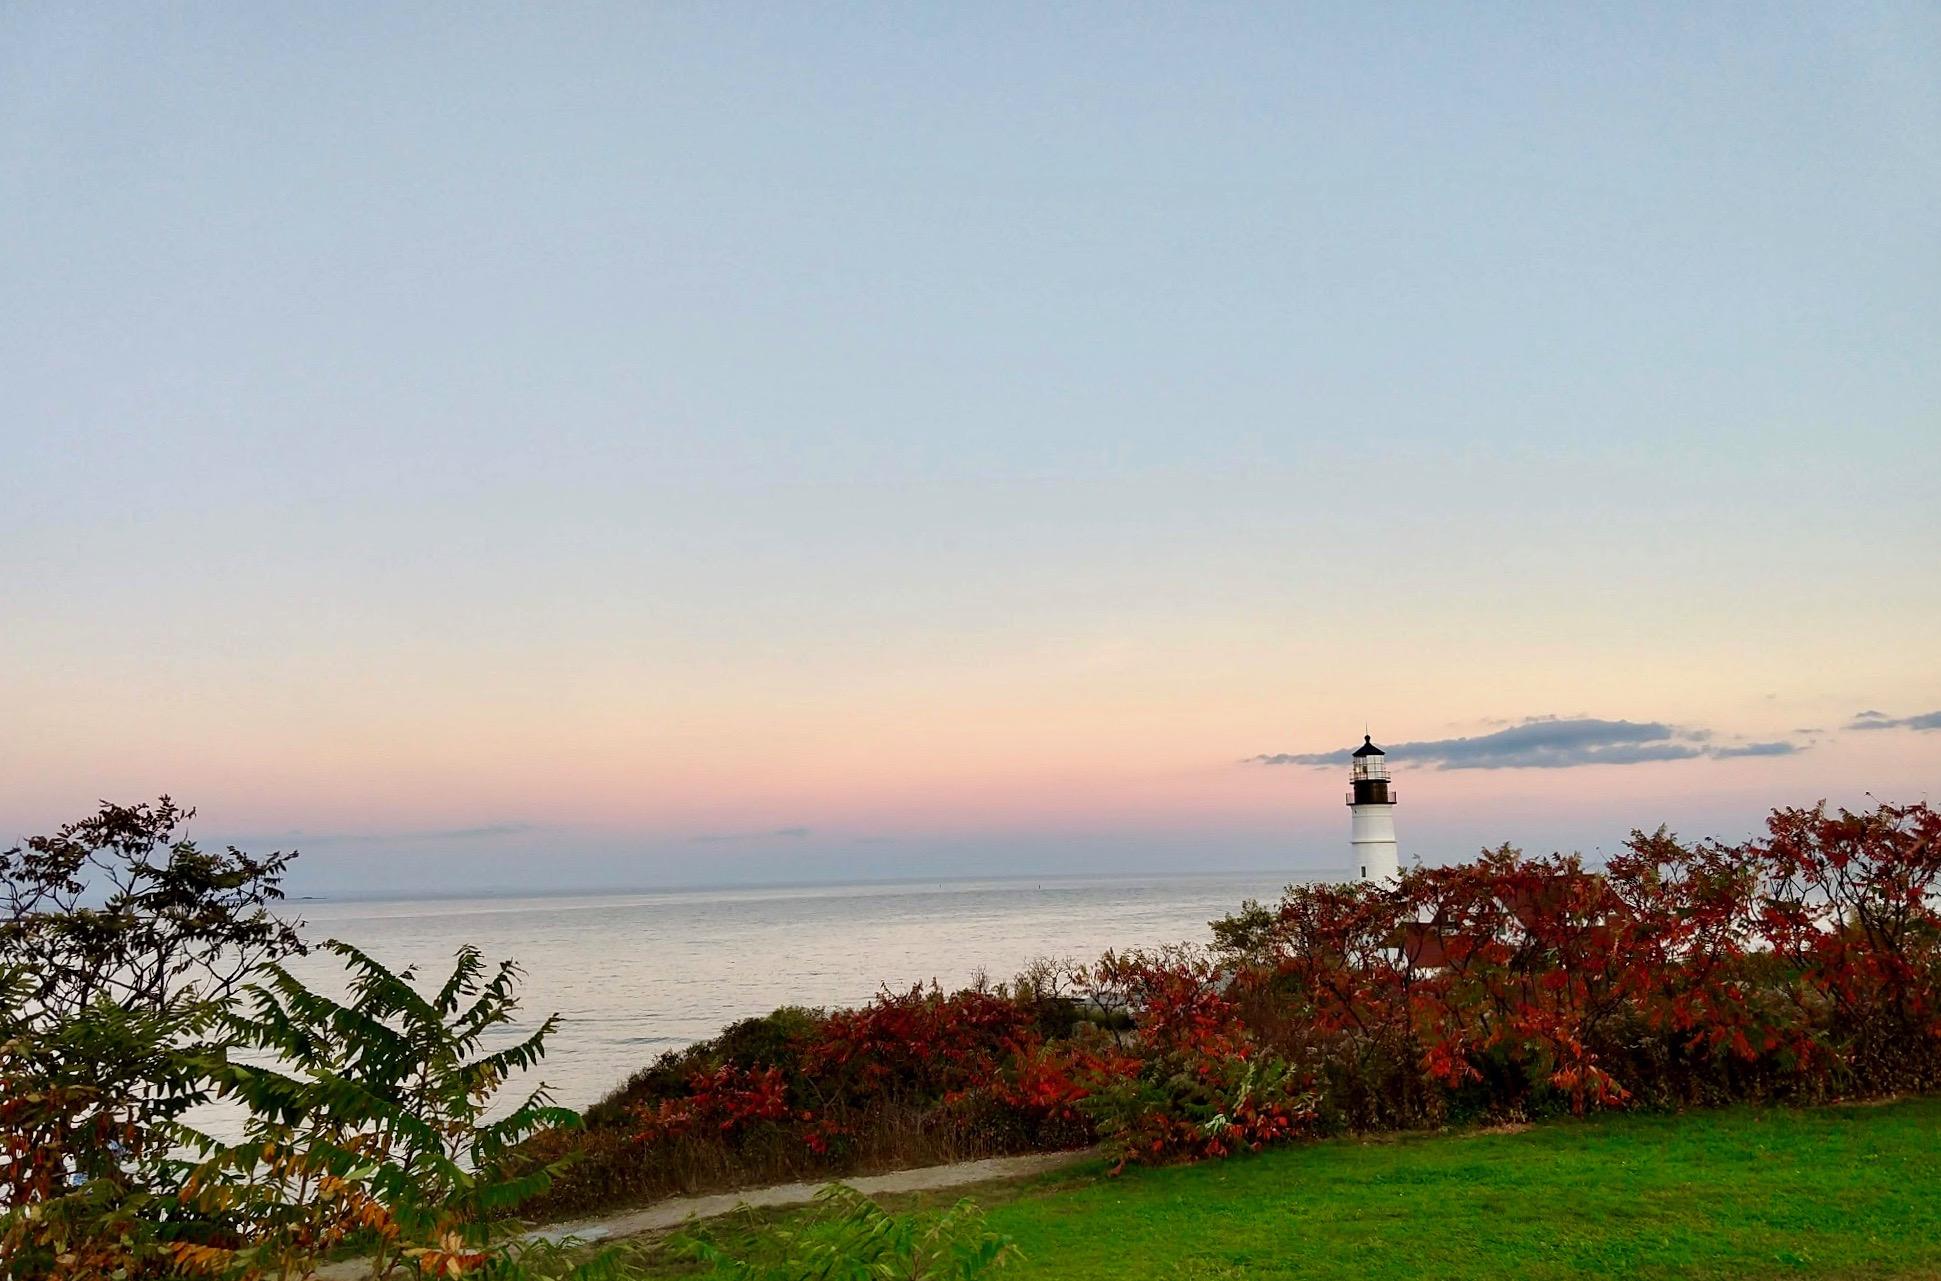 vuurtoren in Portland aan de kust van Maine